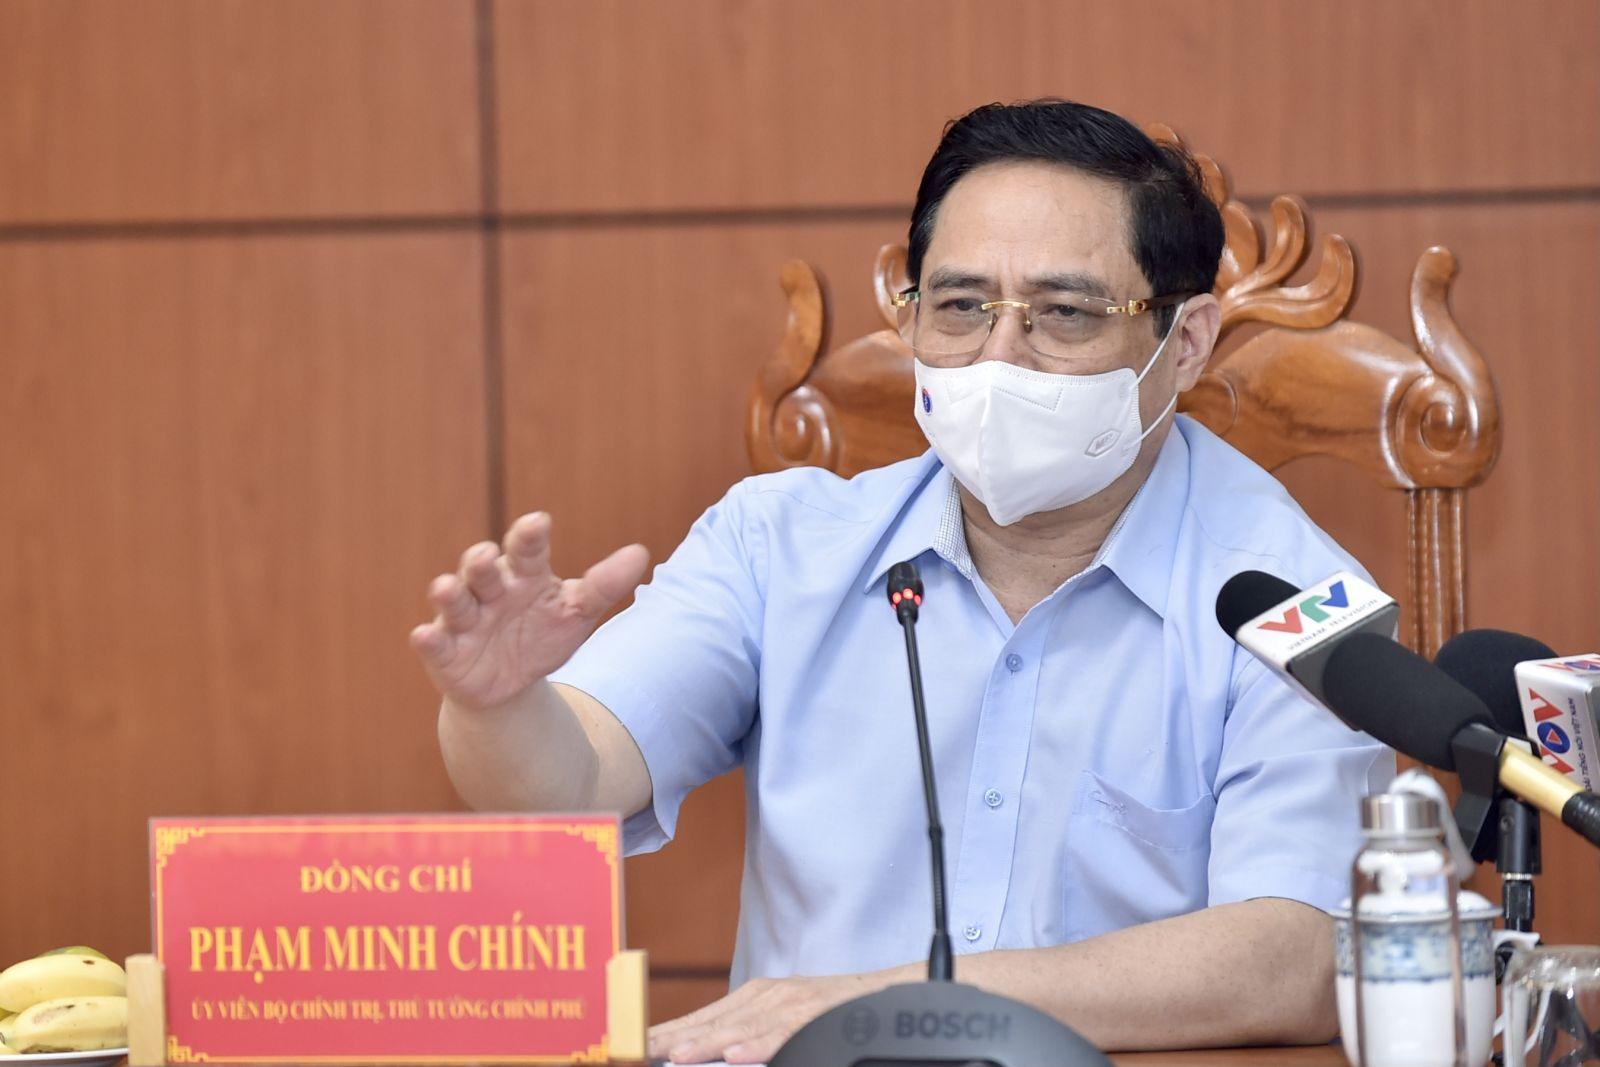 Thủ tướng Phạm Minh Chính phát biểu tại cuộc họp khẩn về phòng chống dịch COVID-19 tại đầu cầu trụ sở UBND tỉnh An Giang. Ảnh: VGP/Nhật Bắc